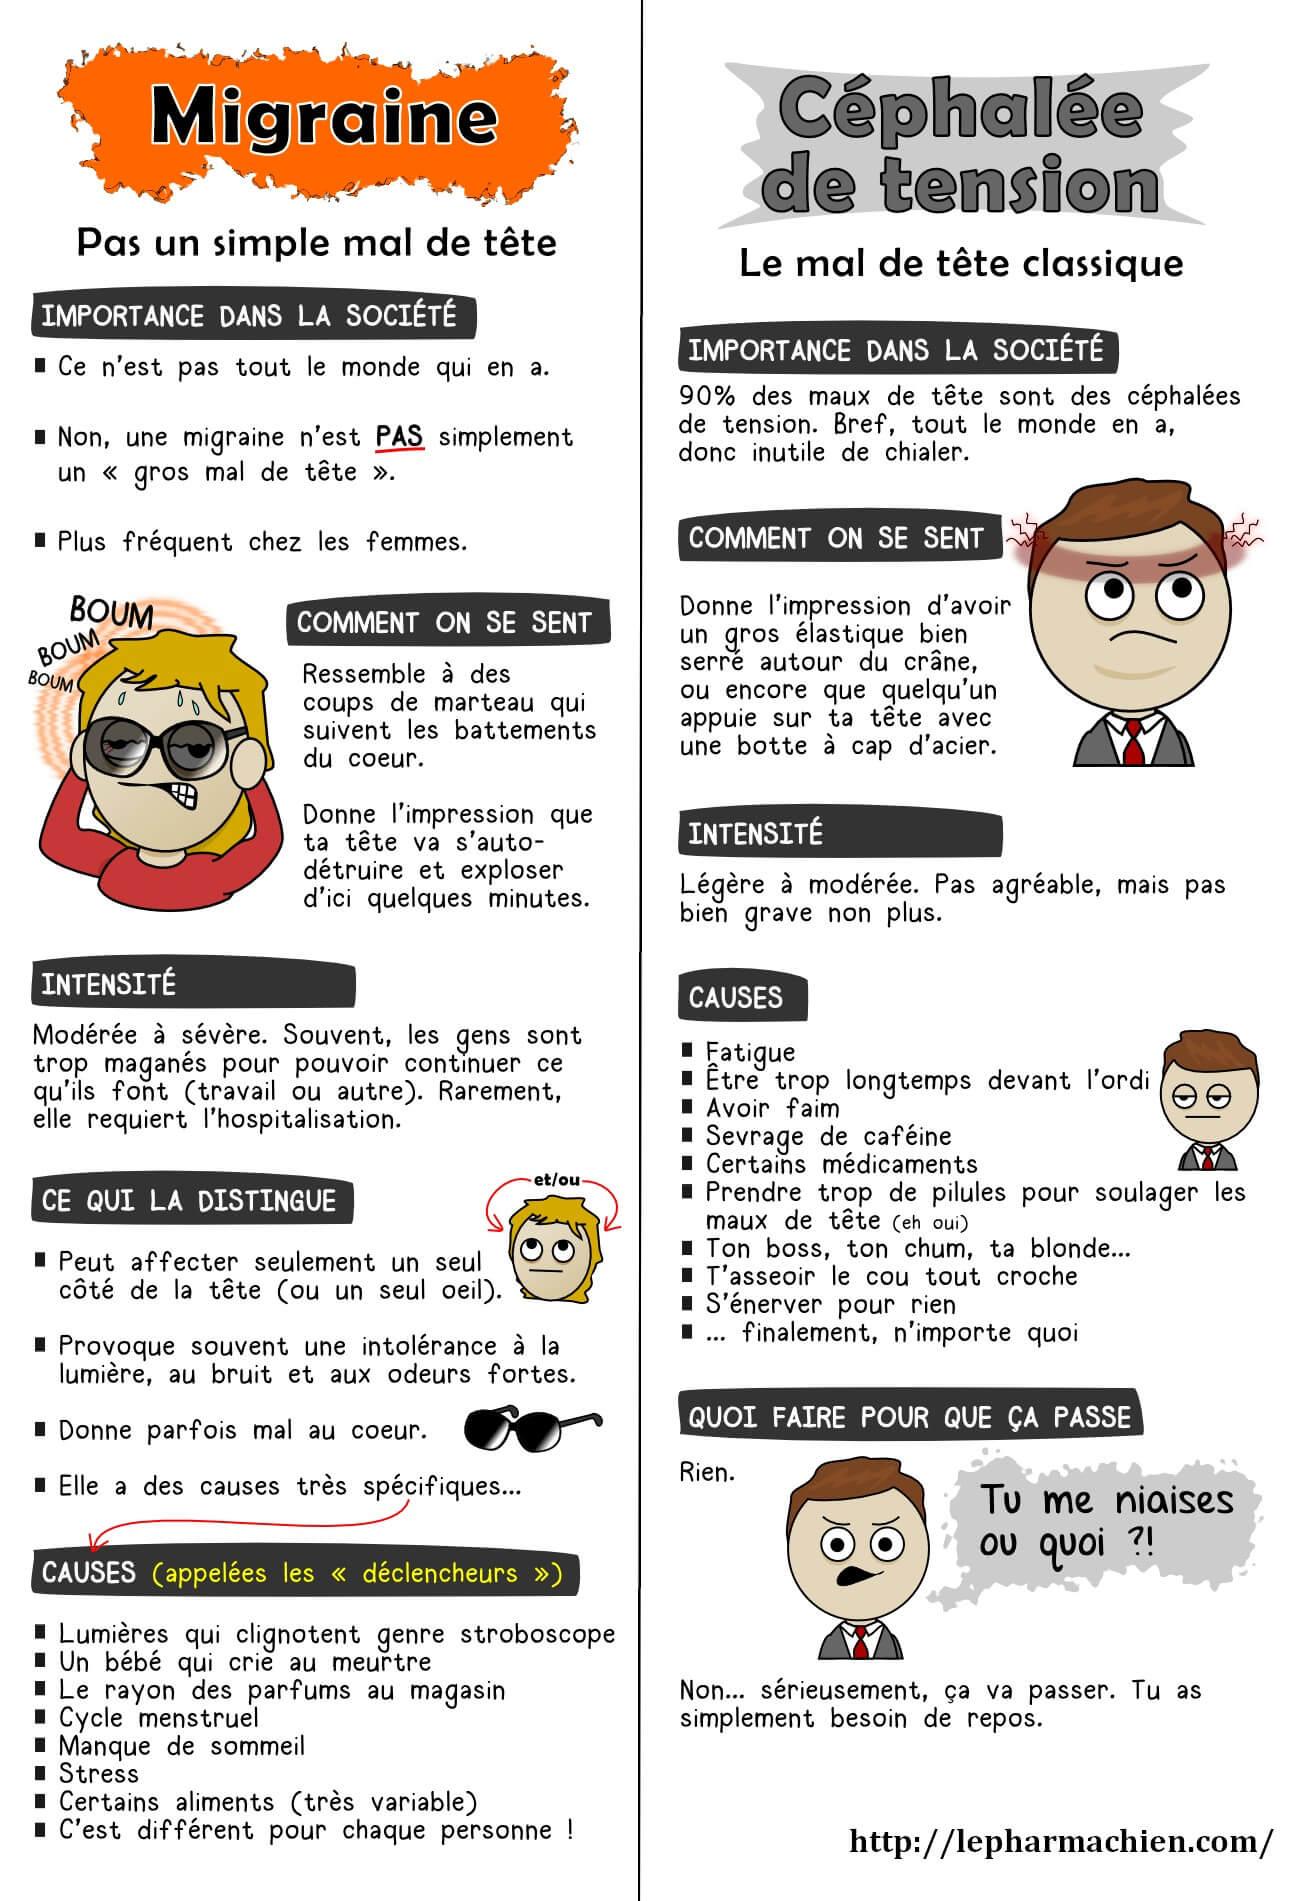 """Migraine ou Céphalée de tension ? (<a href=""""http://lepharmachien.com/"""">Le Pharmachien</a>)"""